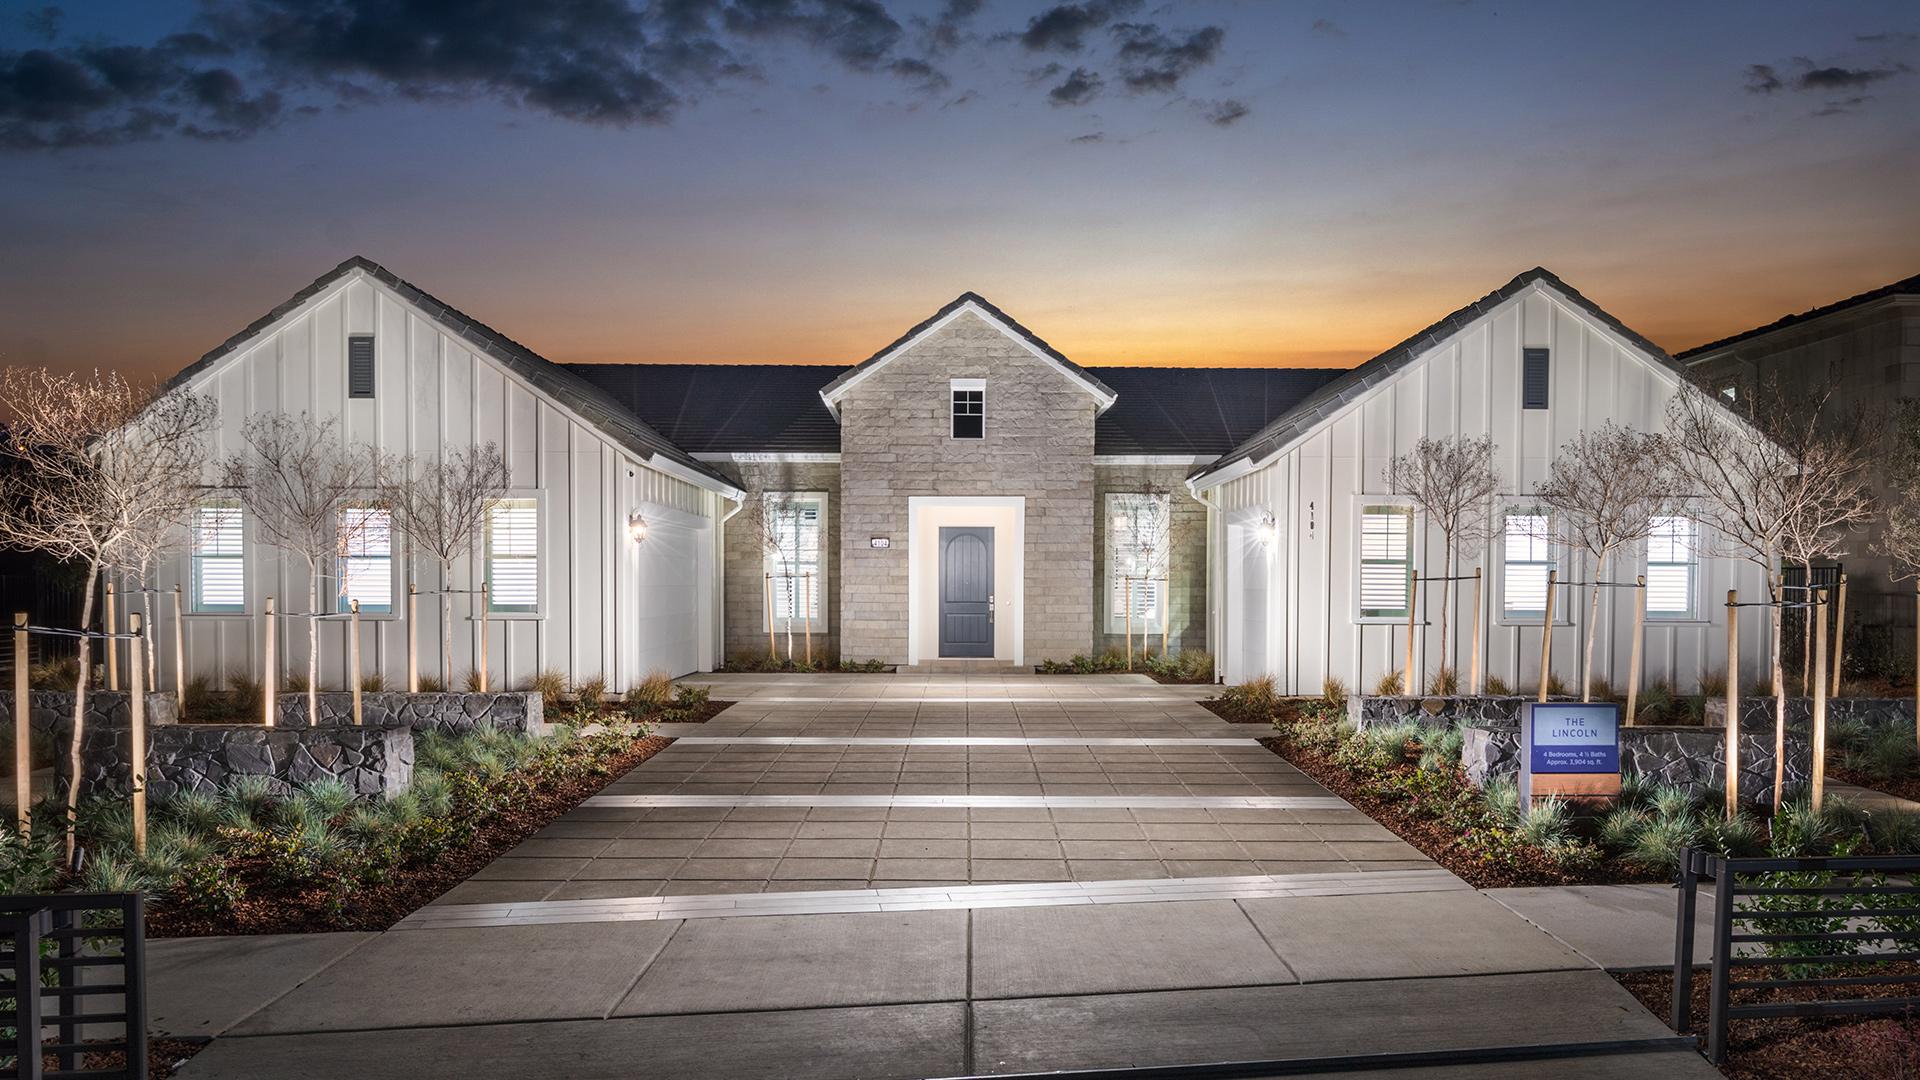 New Luxury Homes For Sale in Rocklin, CA | Oakcrest on